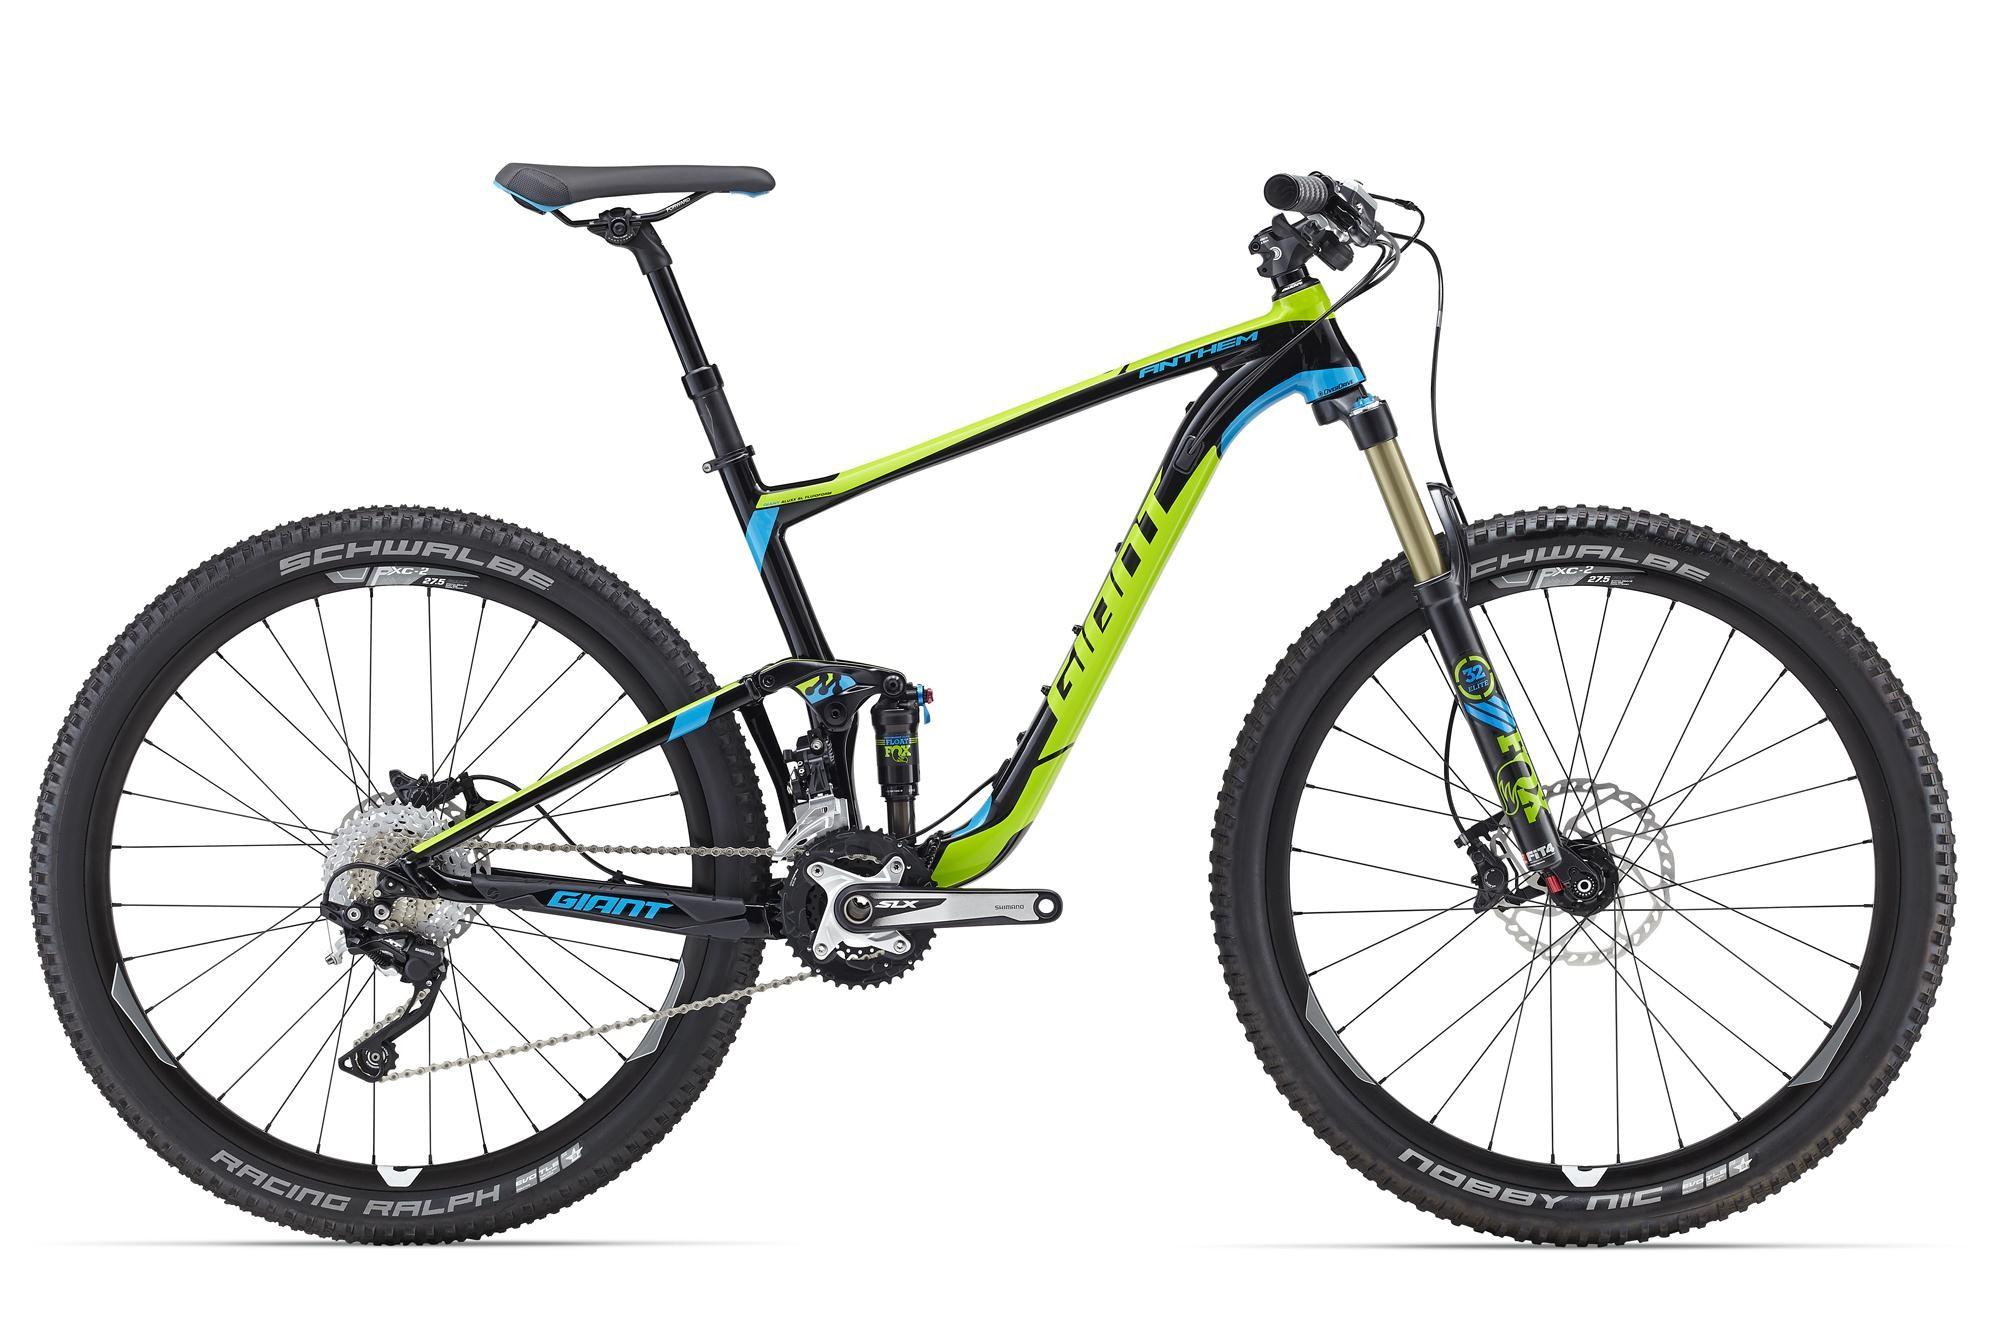 Купить Велосипед Giant Anthem SX 27.5 2 2016 Black/Green / Черный Зеленый, Двухподвесы, 1262663